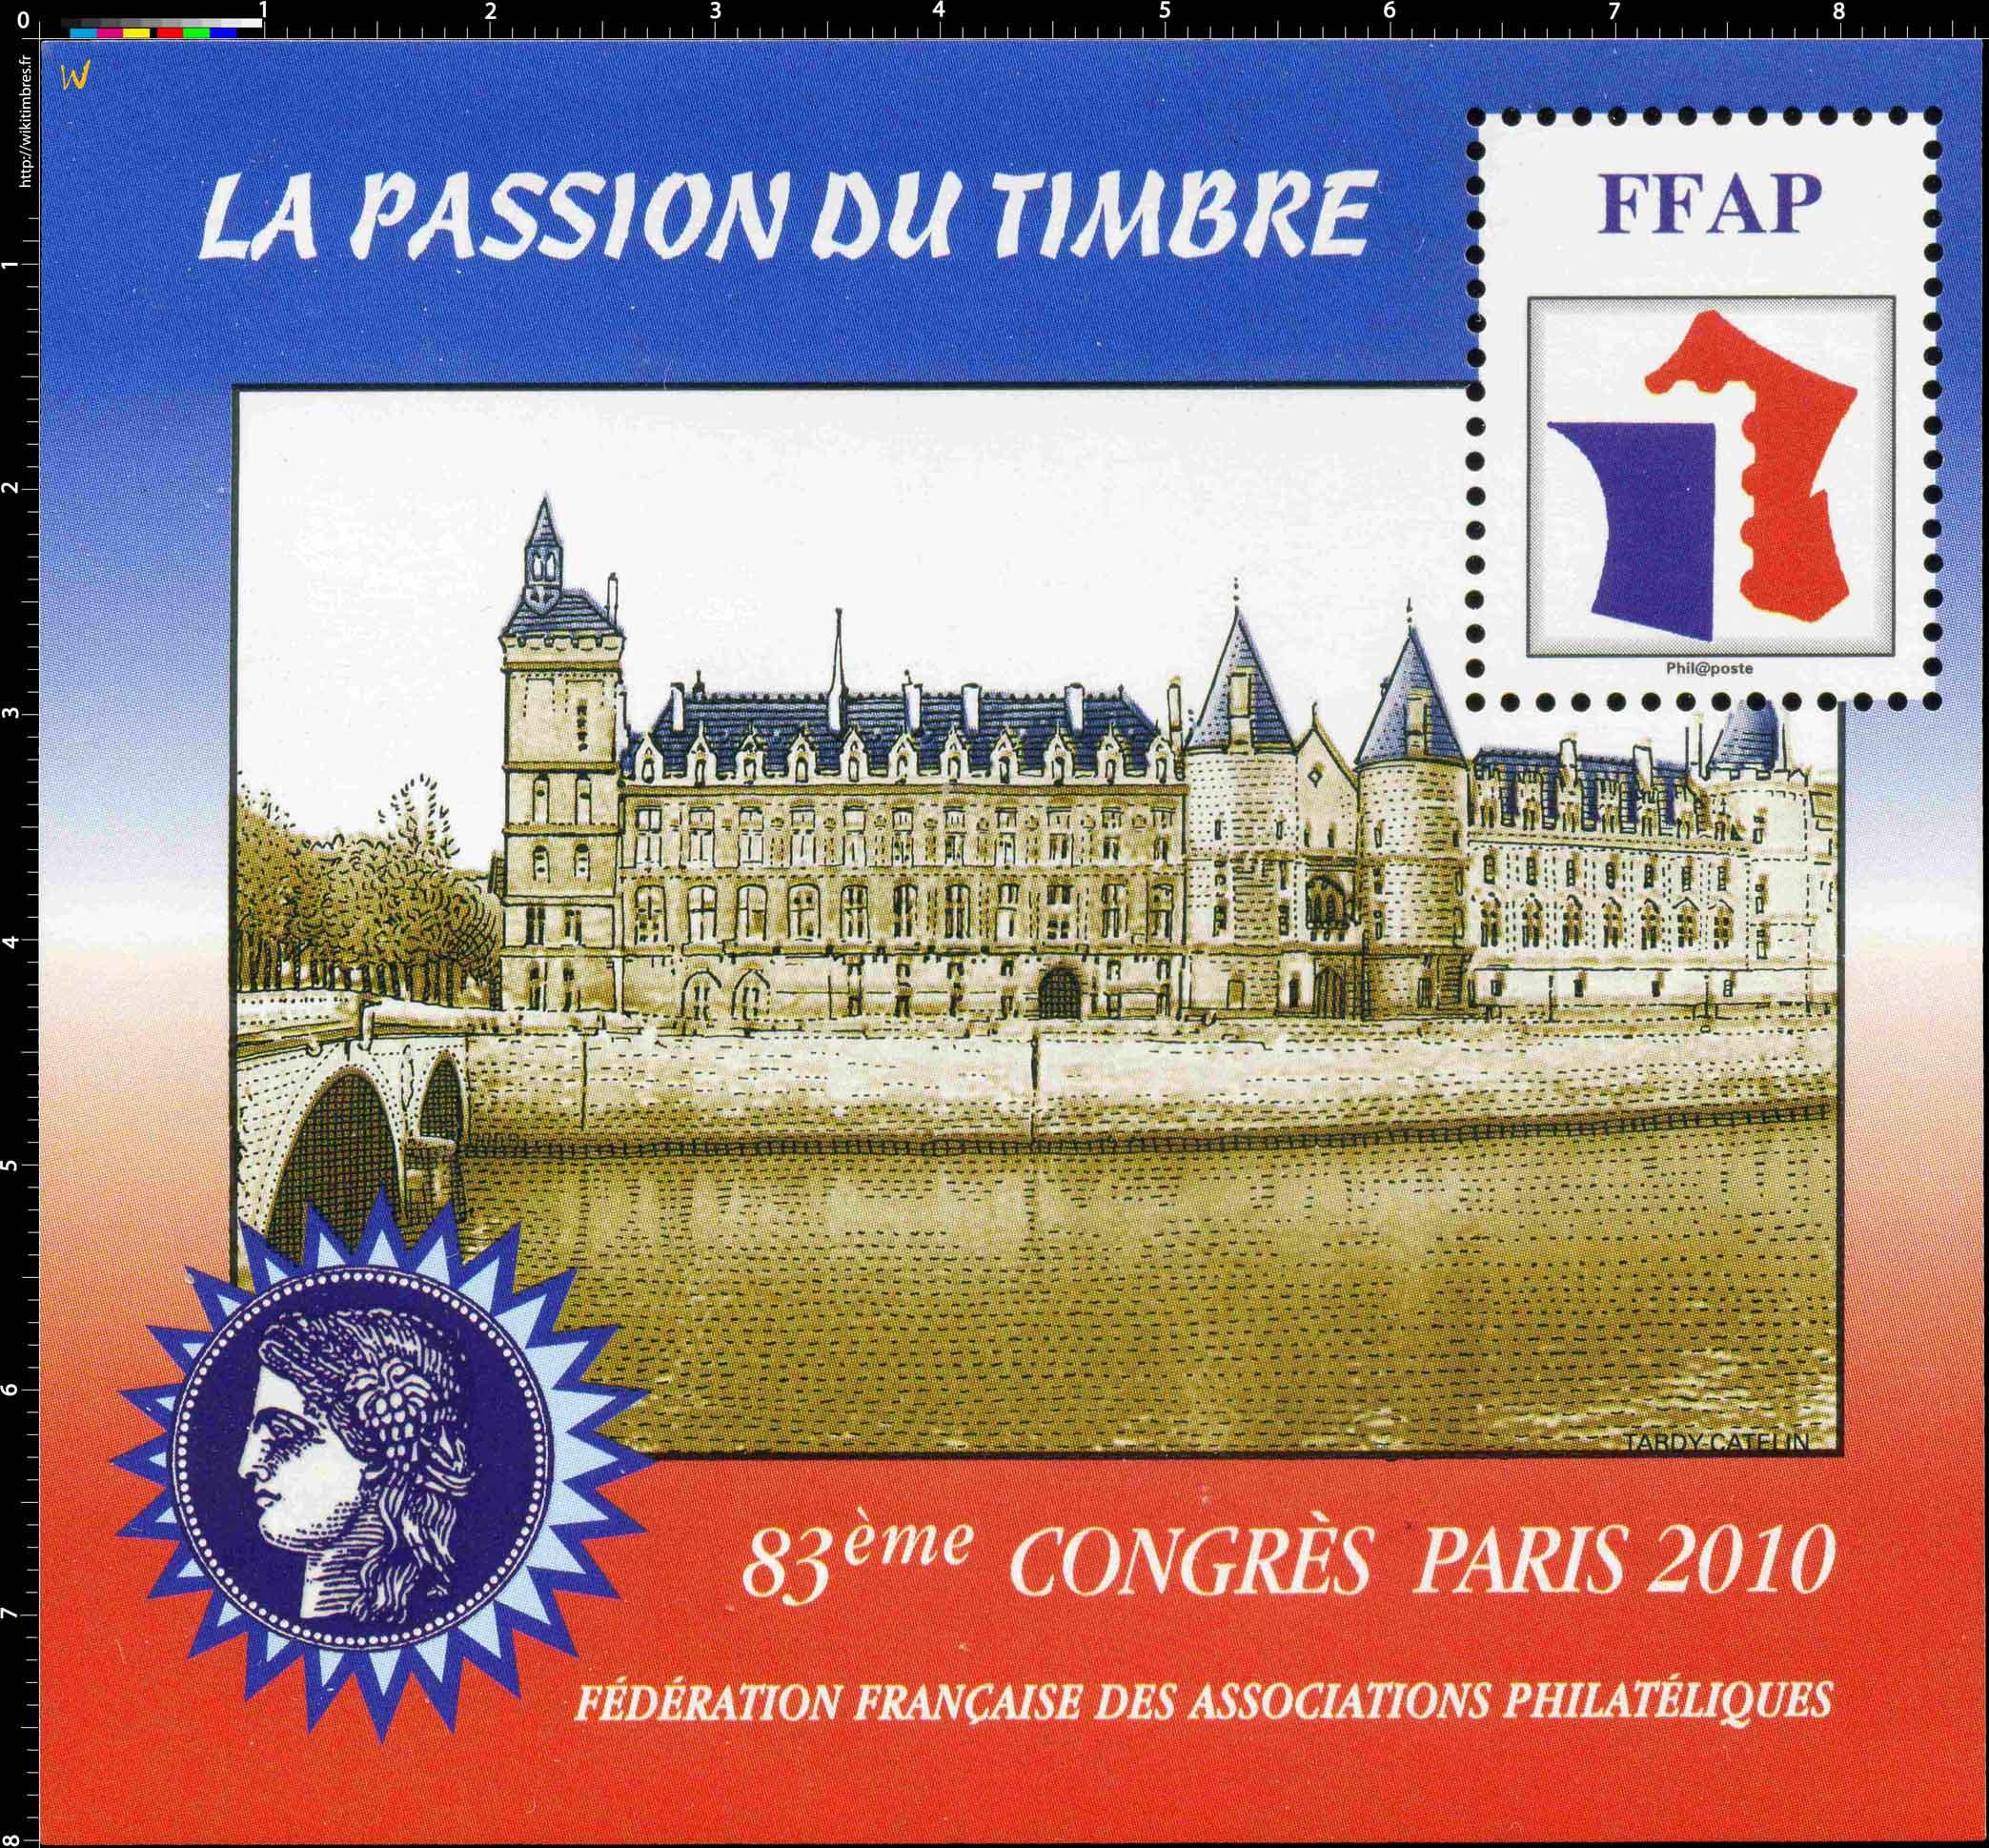 2010 83e Congrès Paris LA PASSION DU TIMBRE